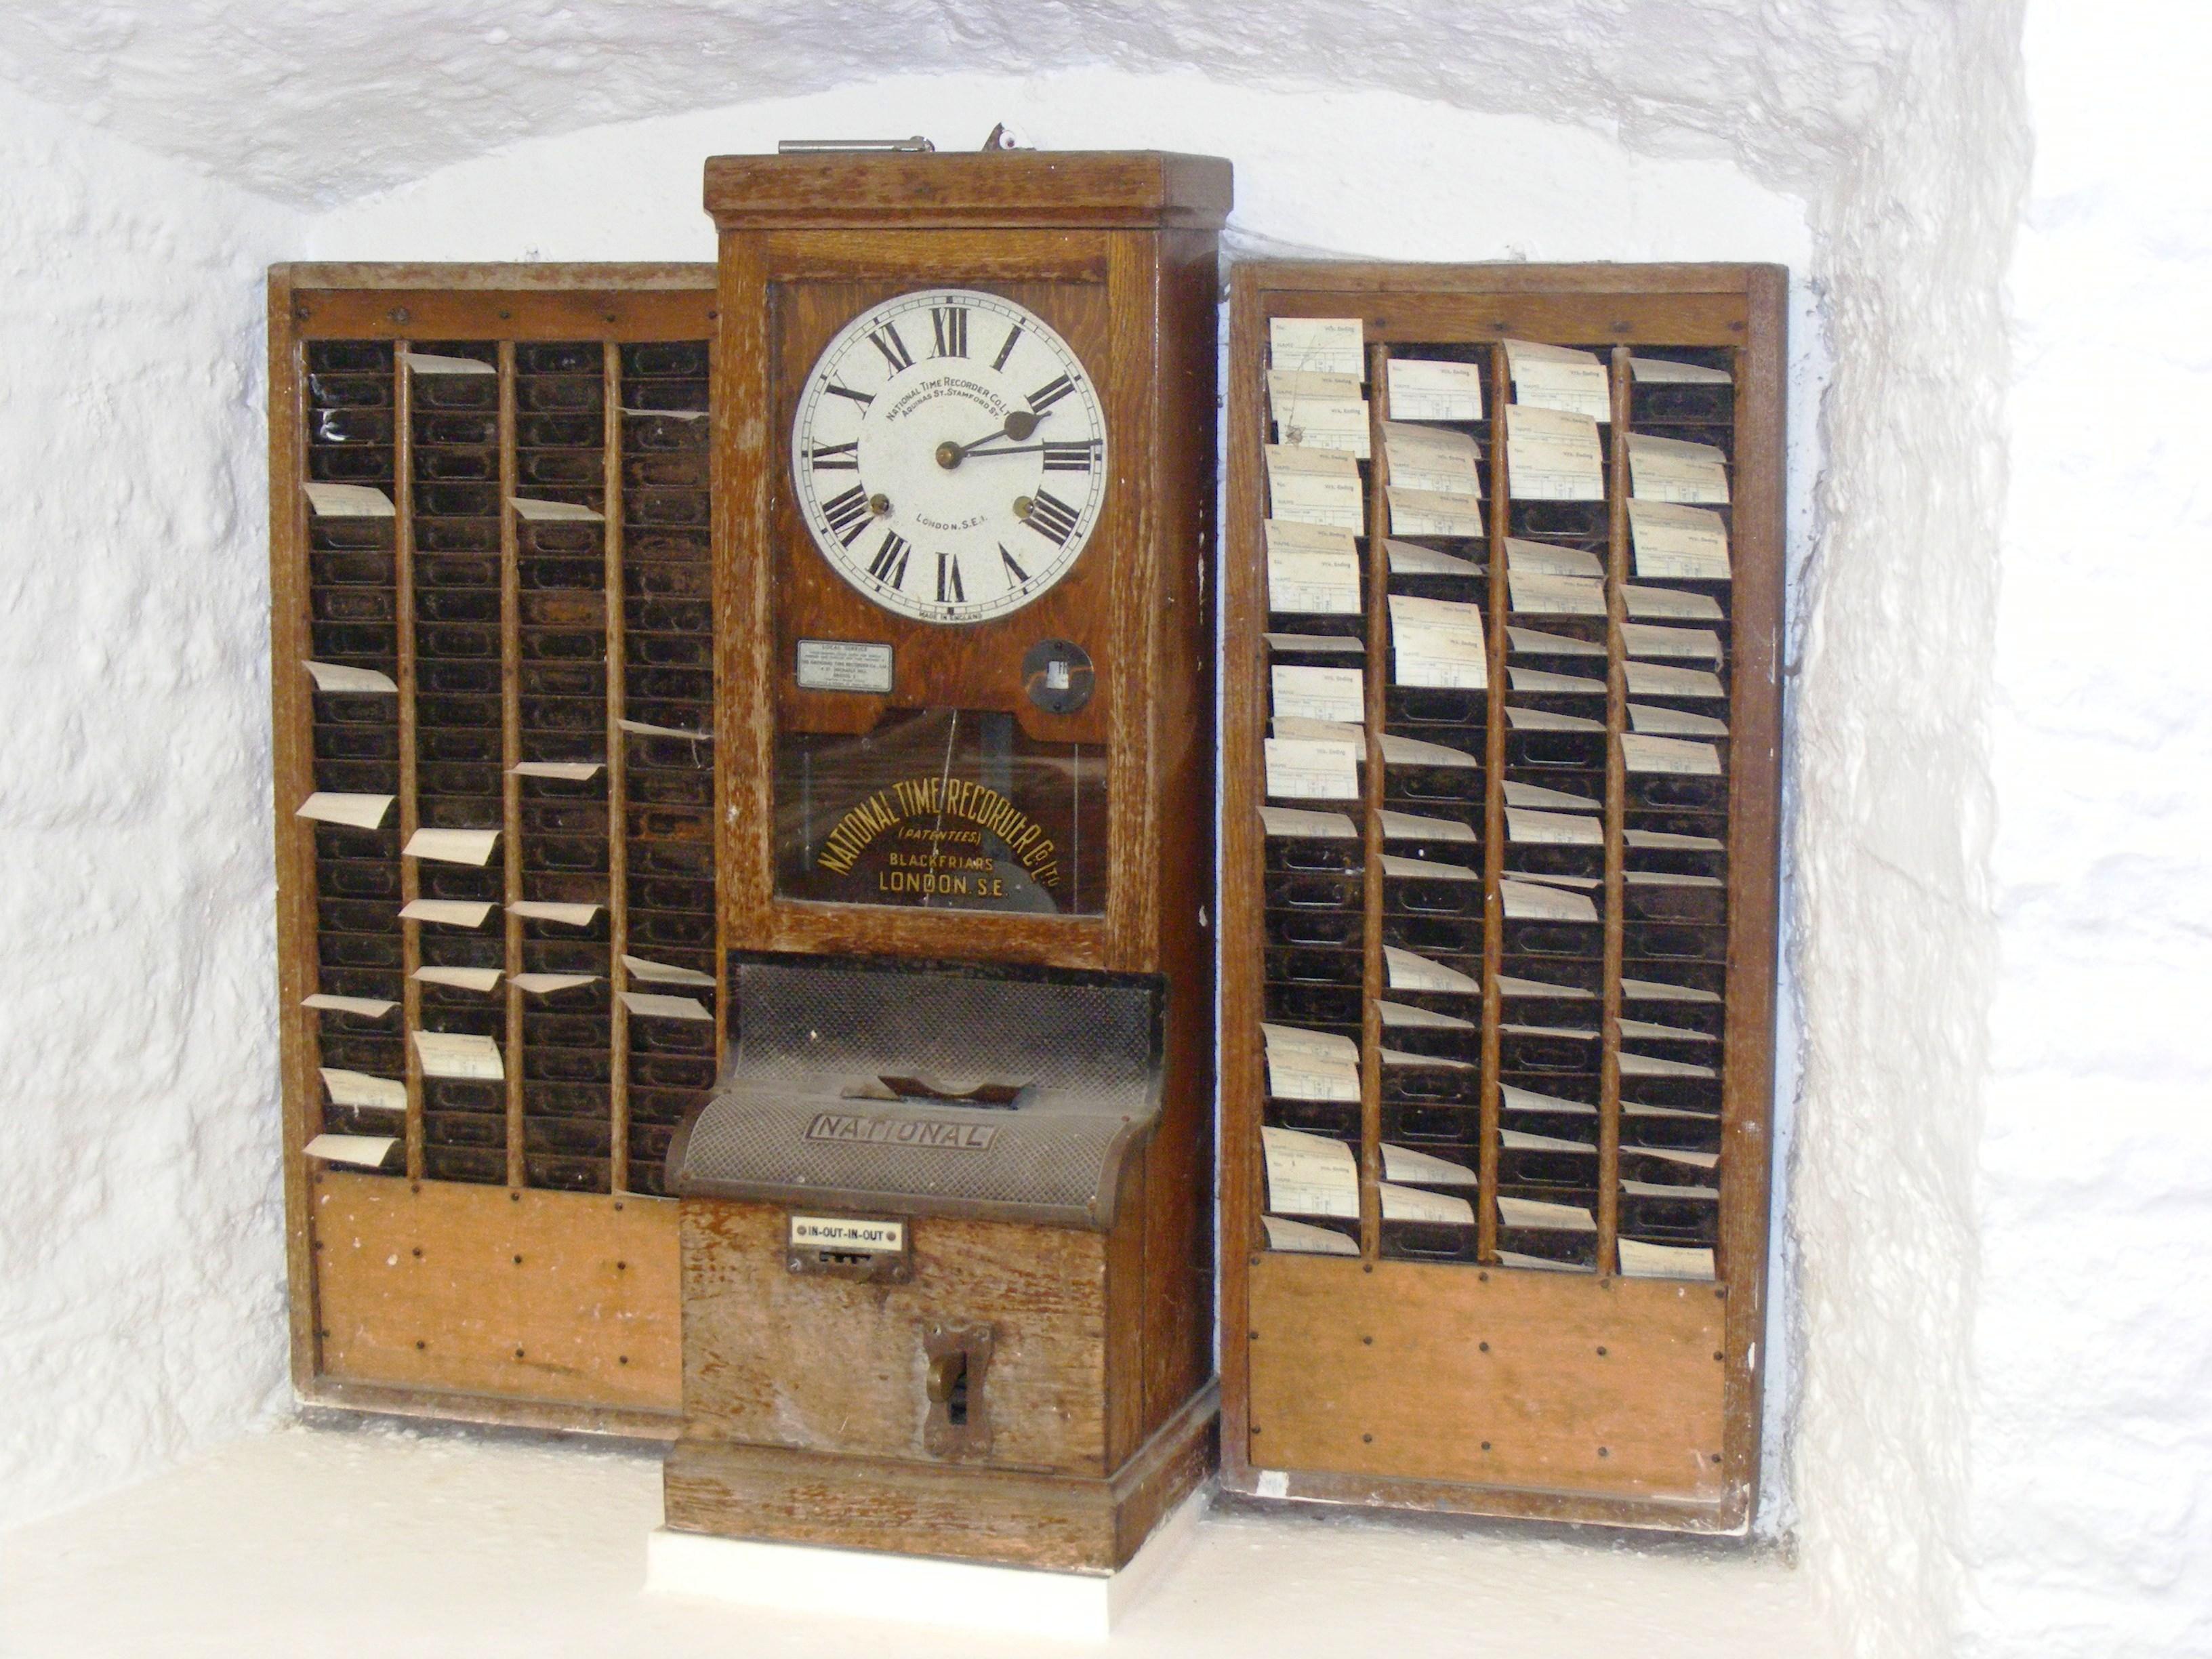 Historia rynku pracy zna dobrze zegary do pomiaru czasu pracy. Były powszechnie używane w przemyśle, w fabrykach w okresie przełomu XIX i XX w. (źródło: wikimedia.org/domena publiczna)